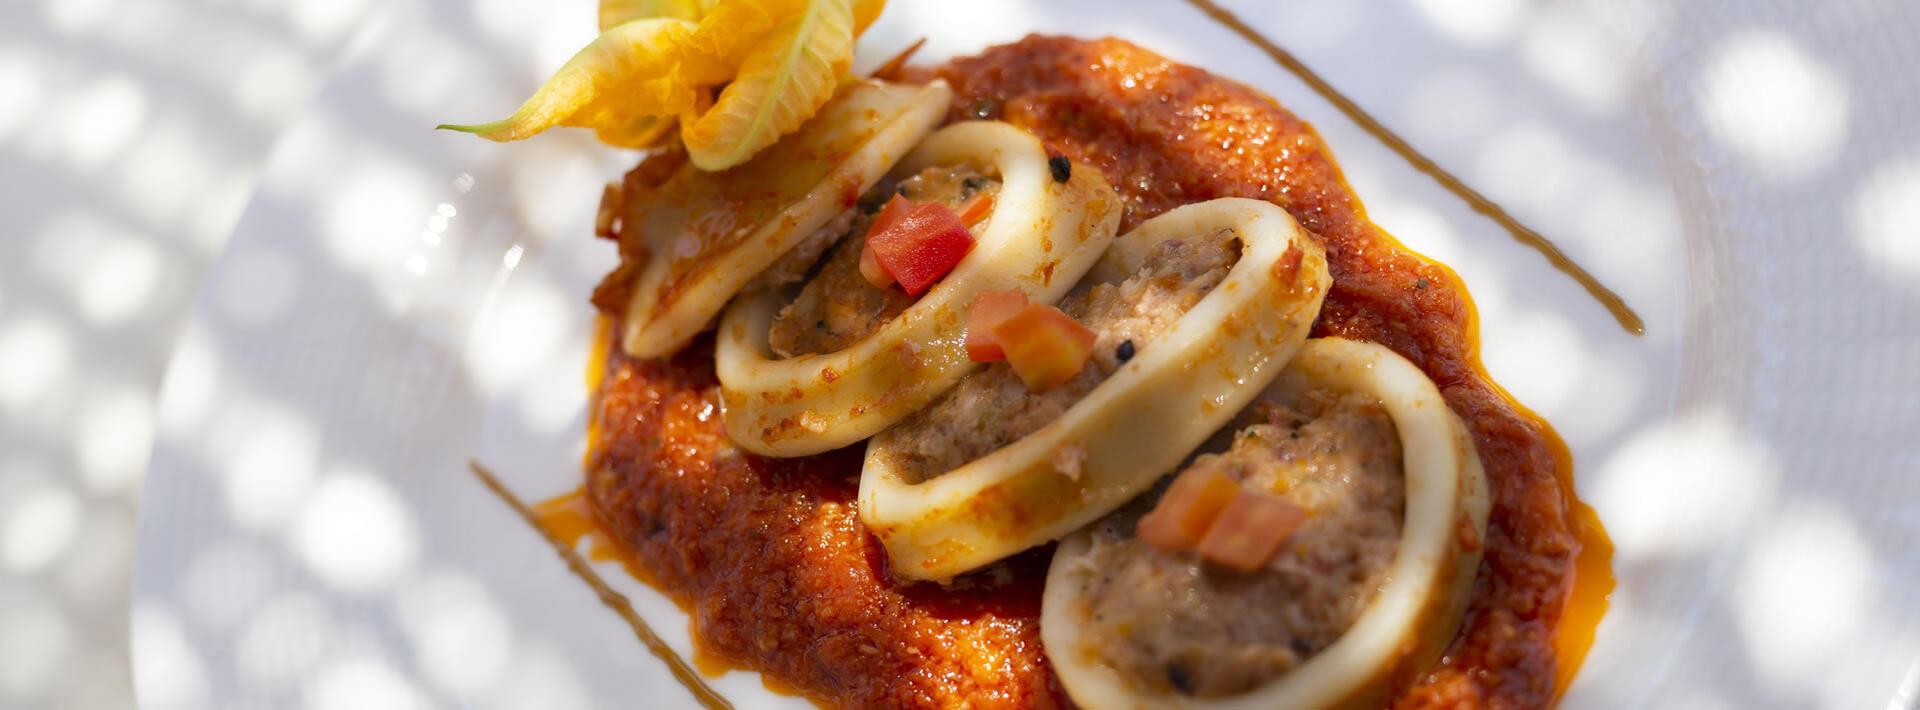 villaggioilgabbiano fr restaurant-sur-la-mer-capo-vaticano 011